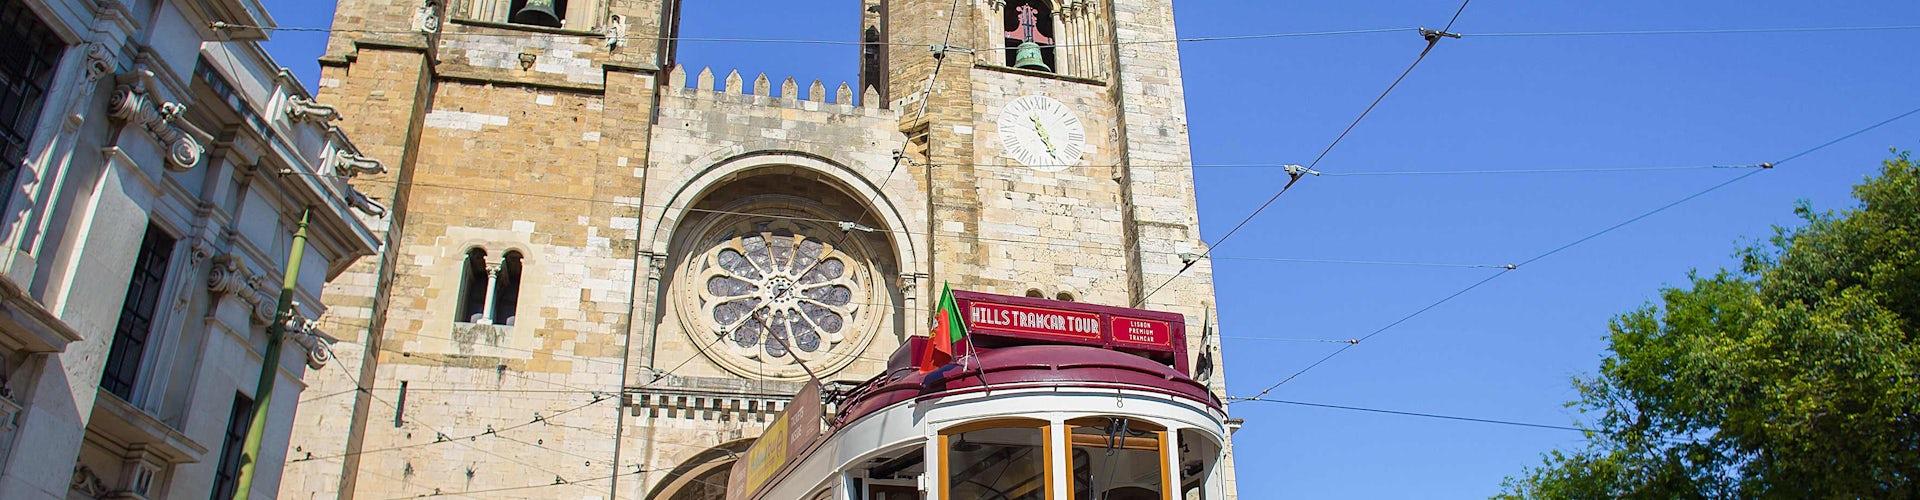 Tranvia Turistico Lisboa